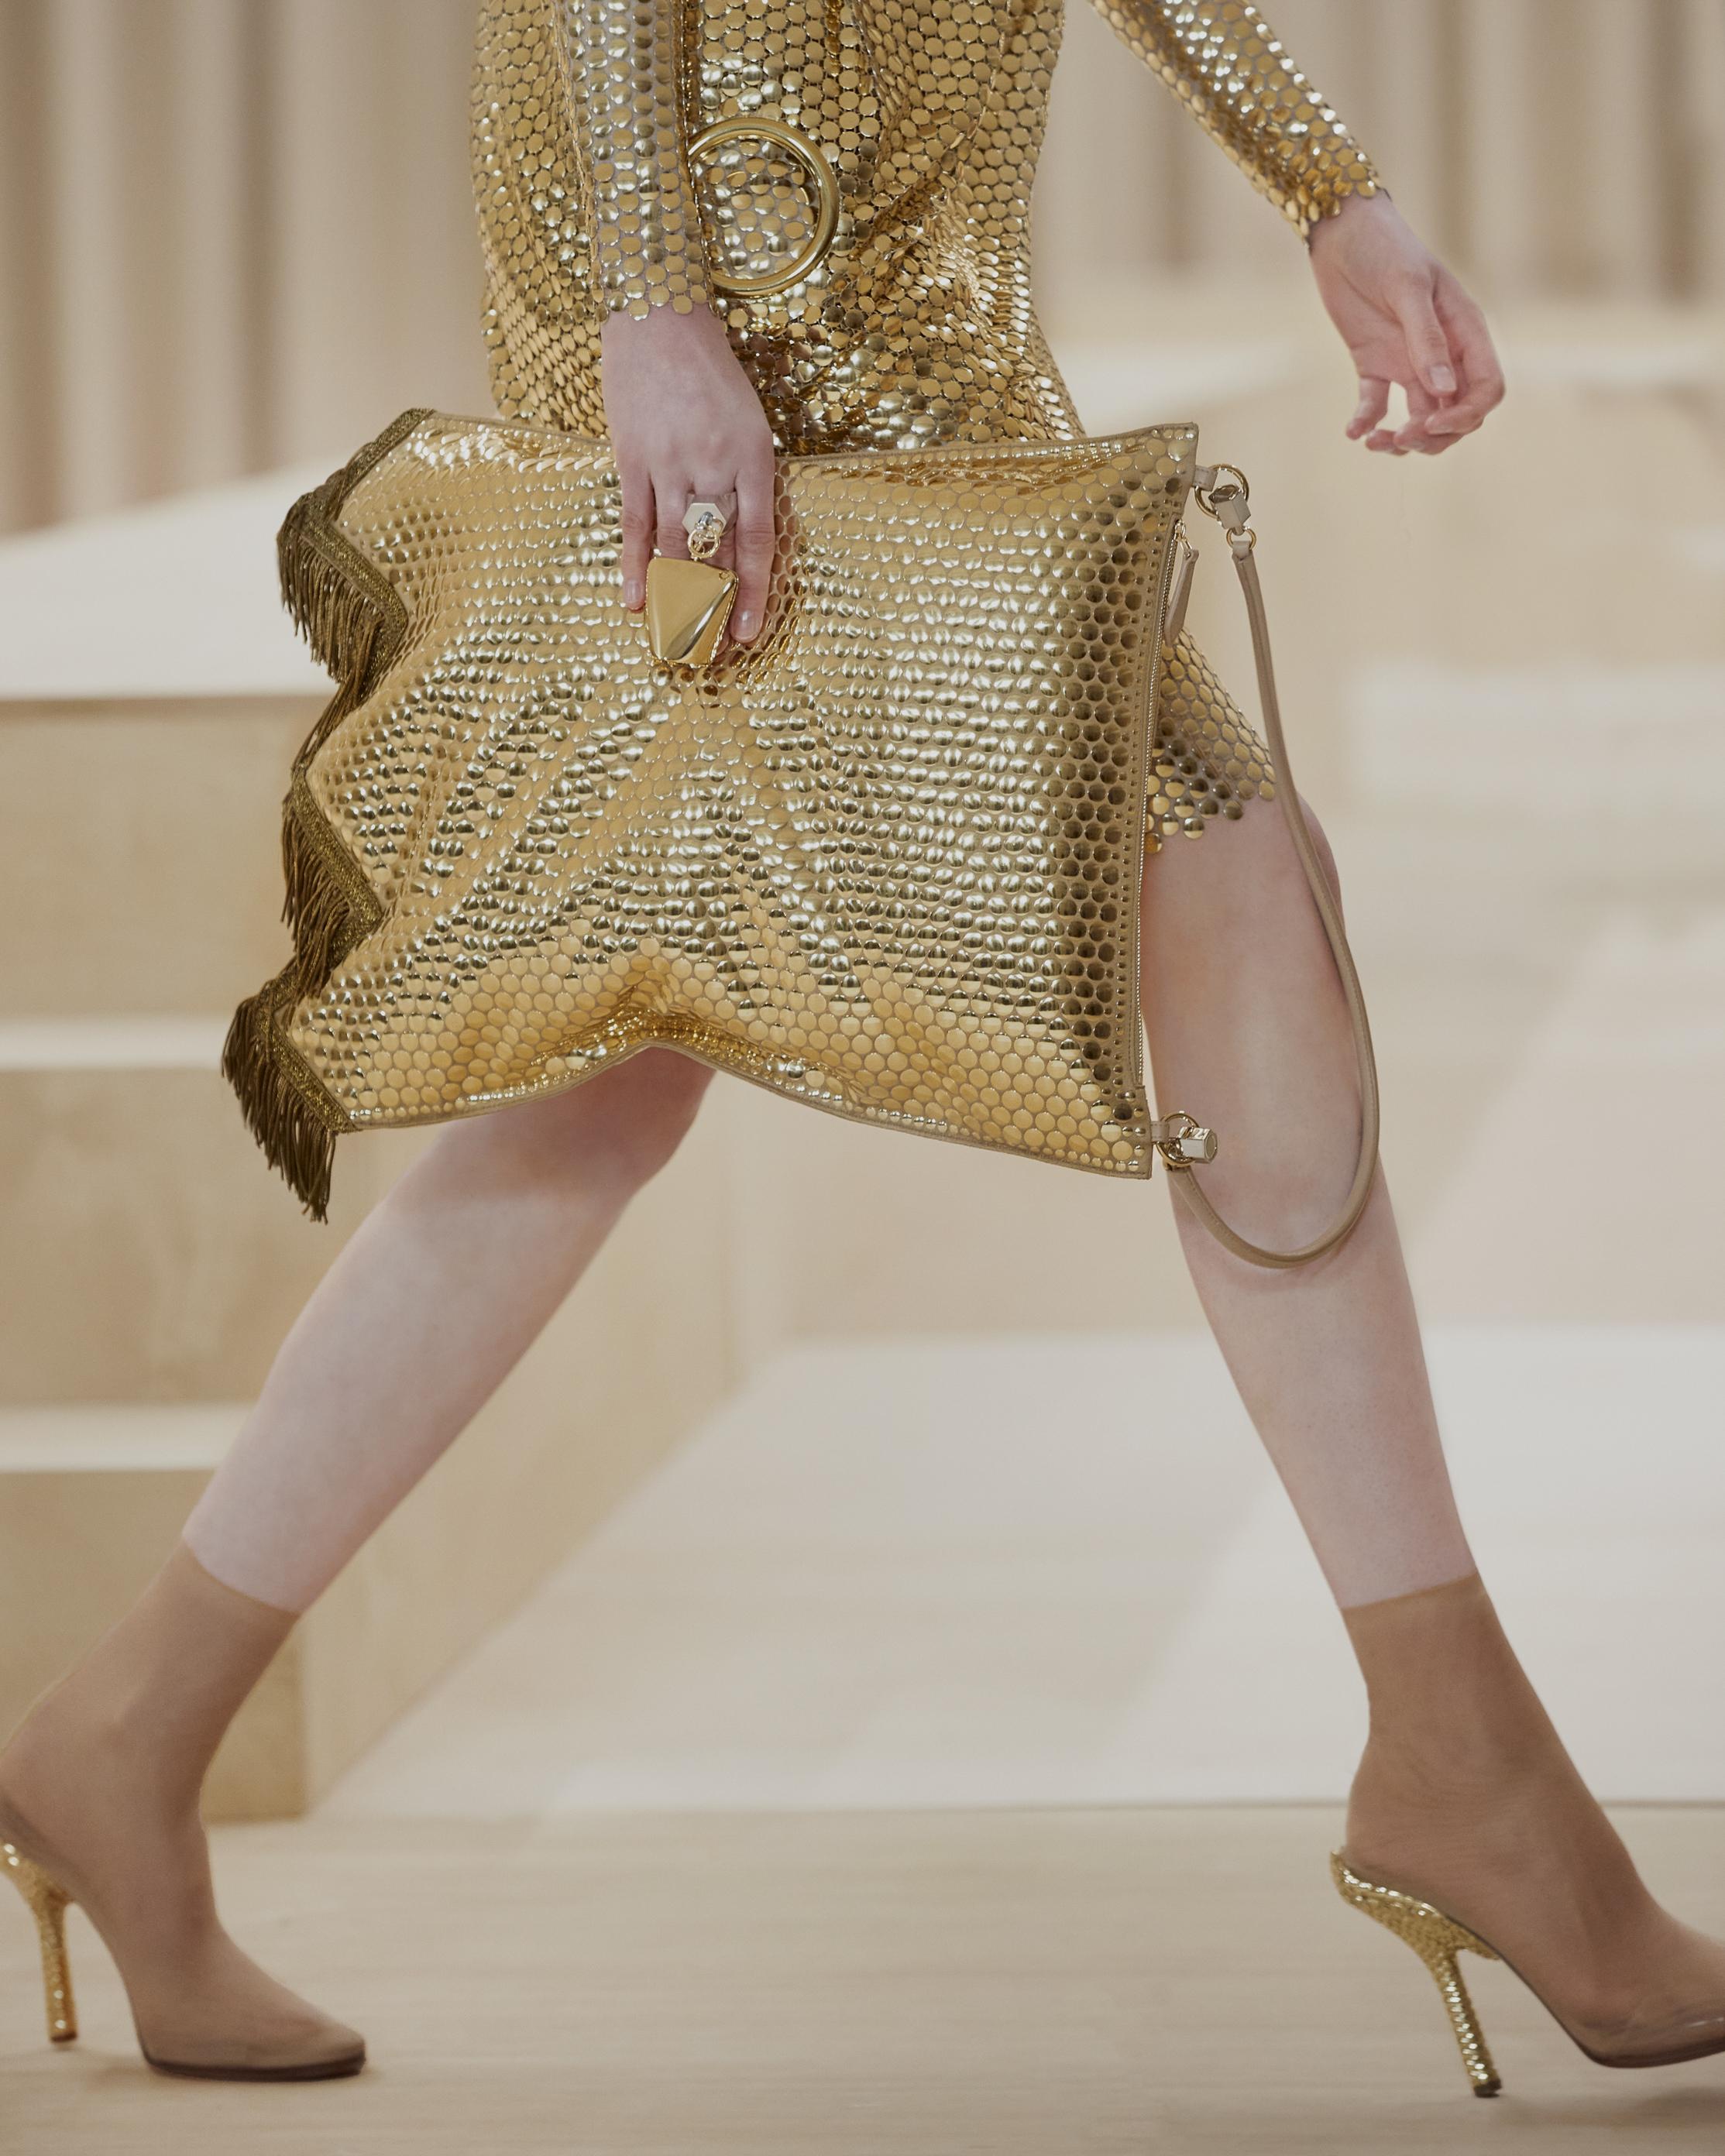 حقيبة ذهبية من ماركة Burberry